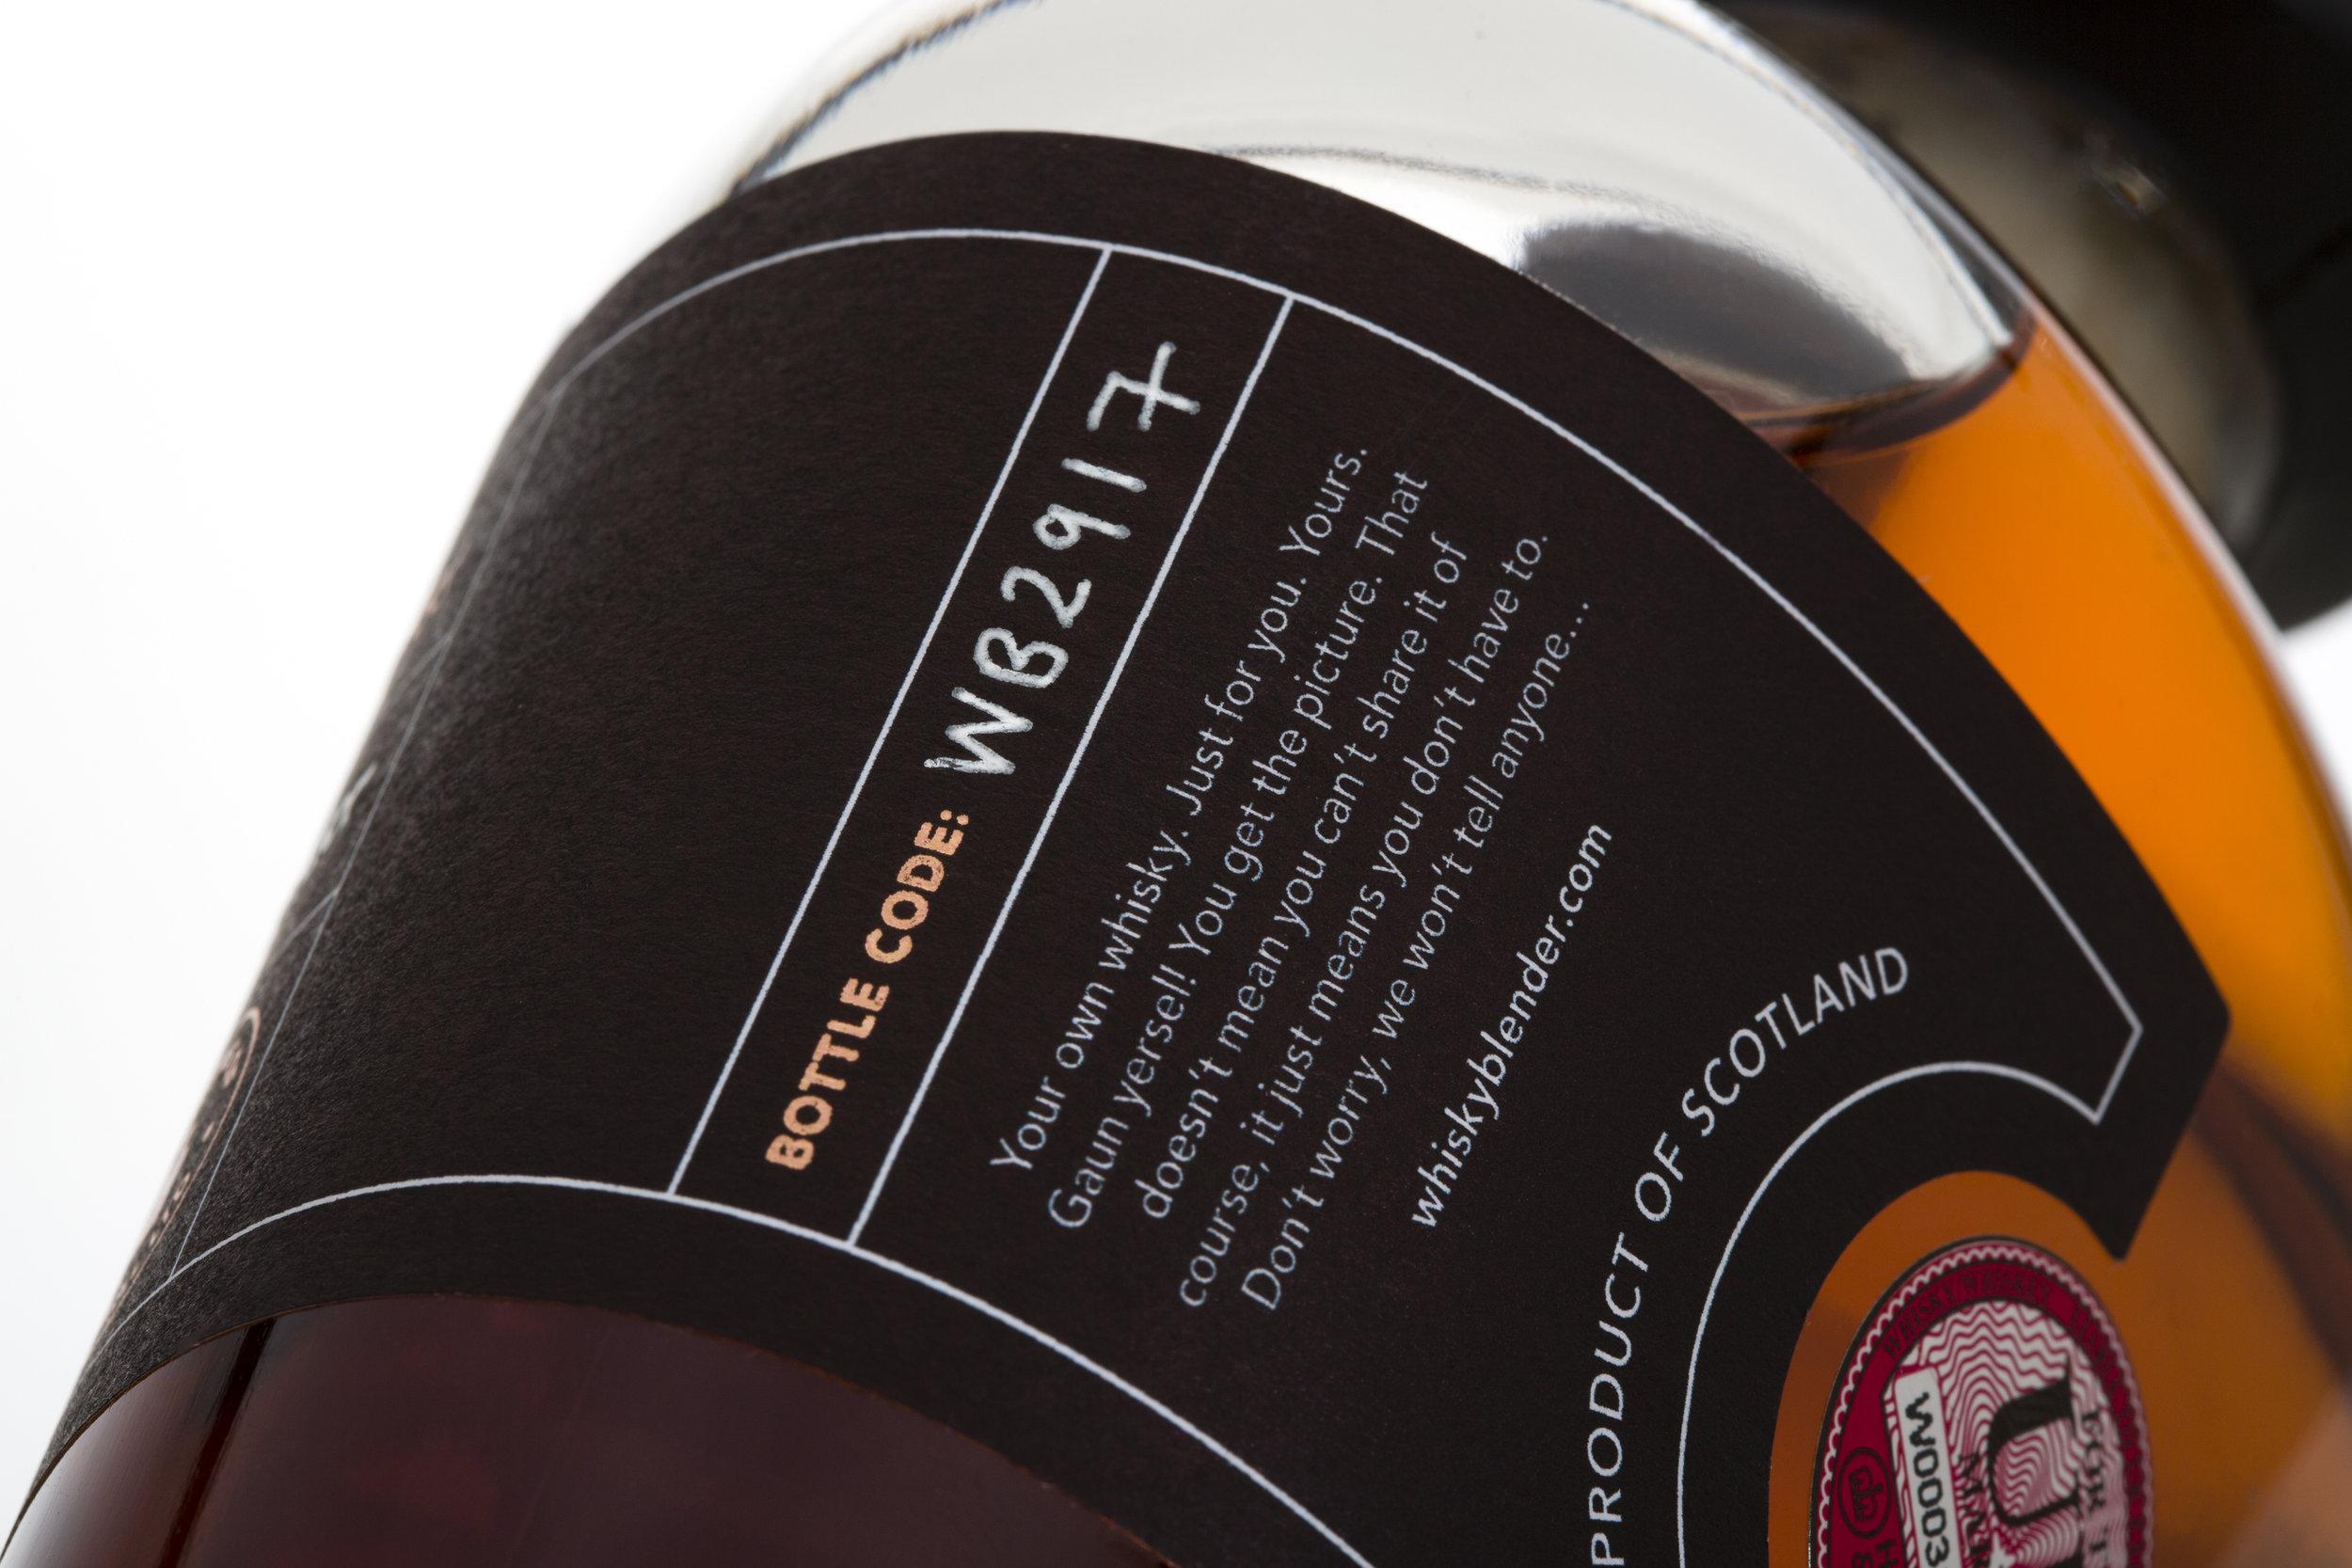 SCastillo_FP_WhiskyBlend_REshoot-4945.JPG